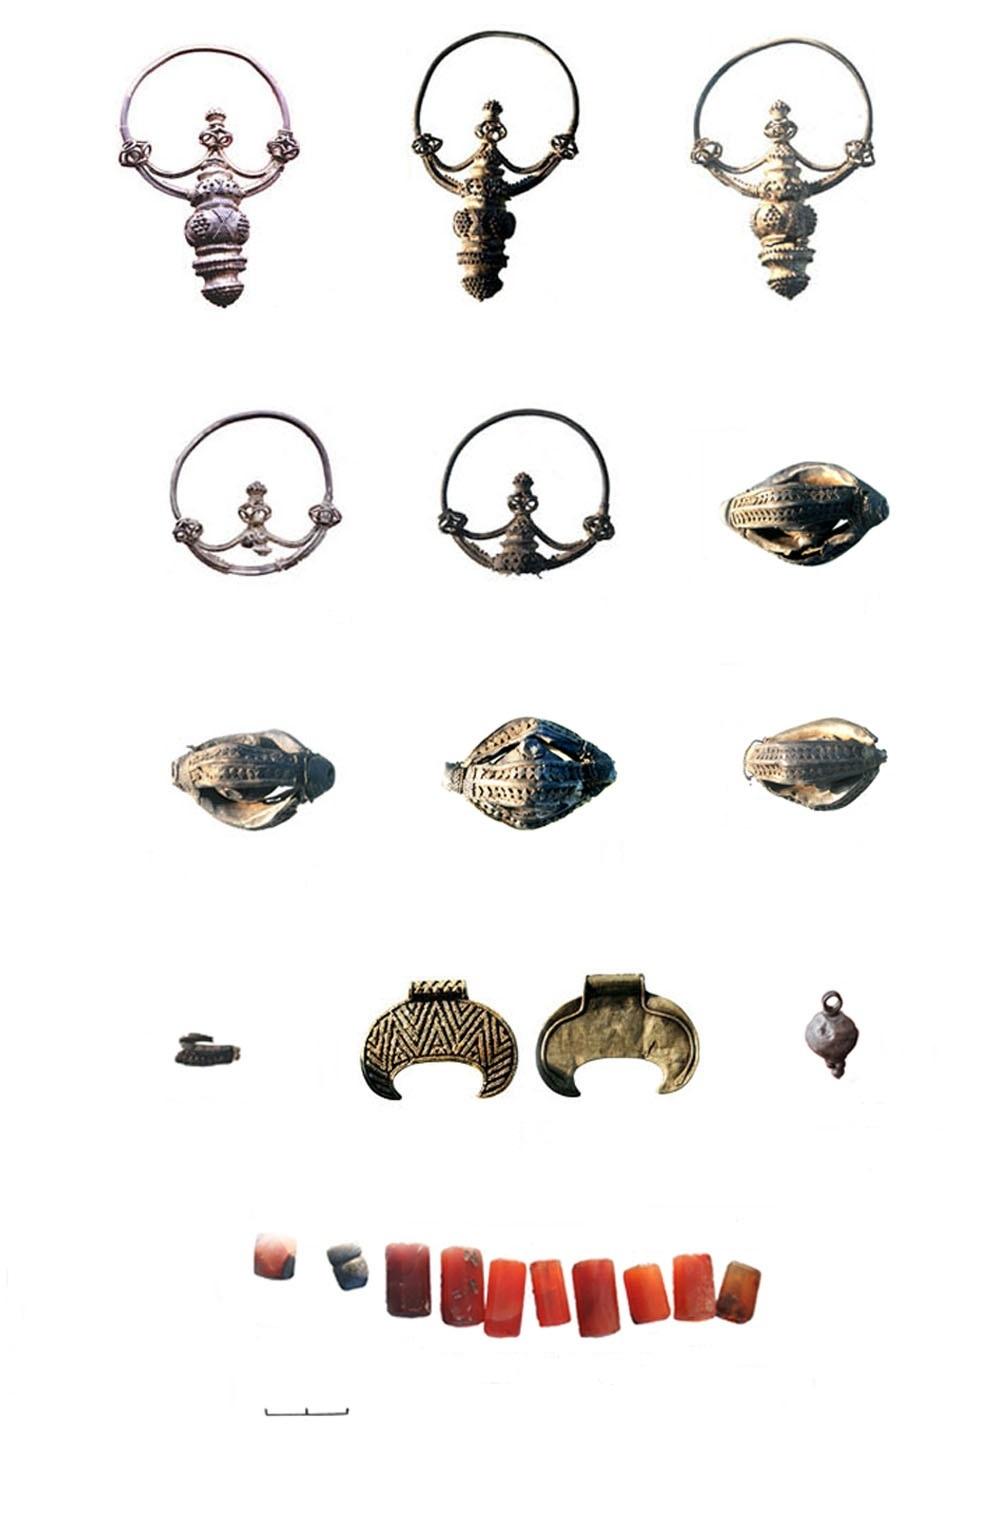 Zviahel_archaeology_2017.jpg